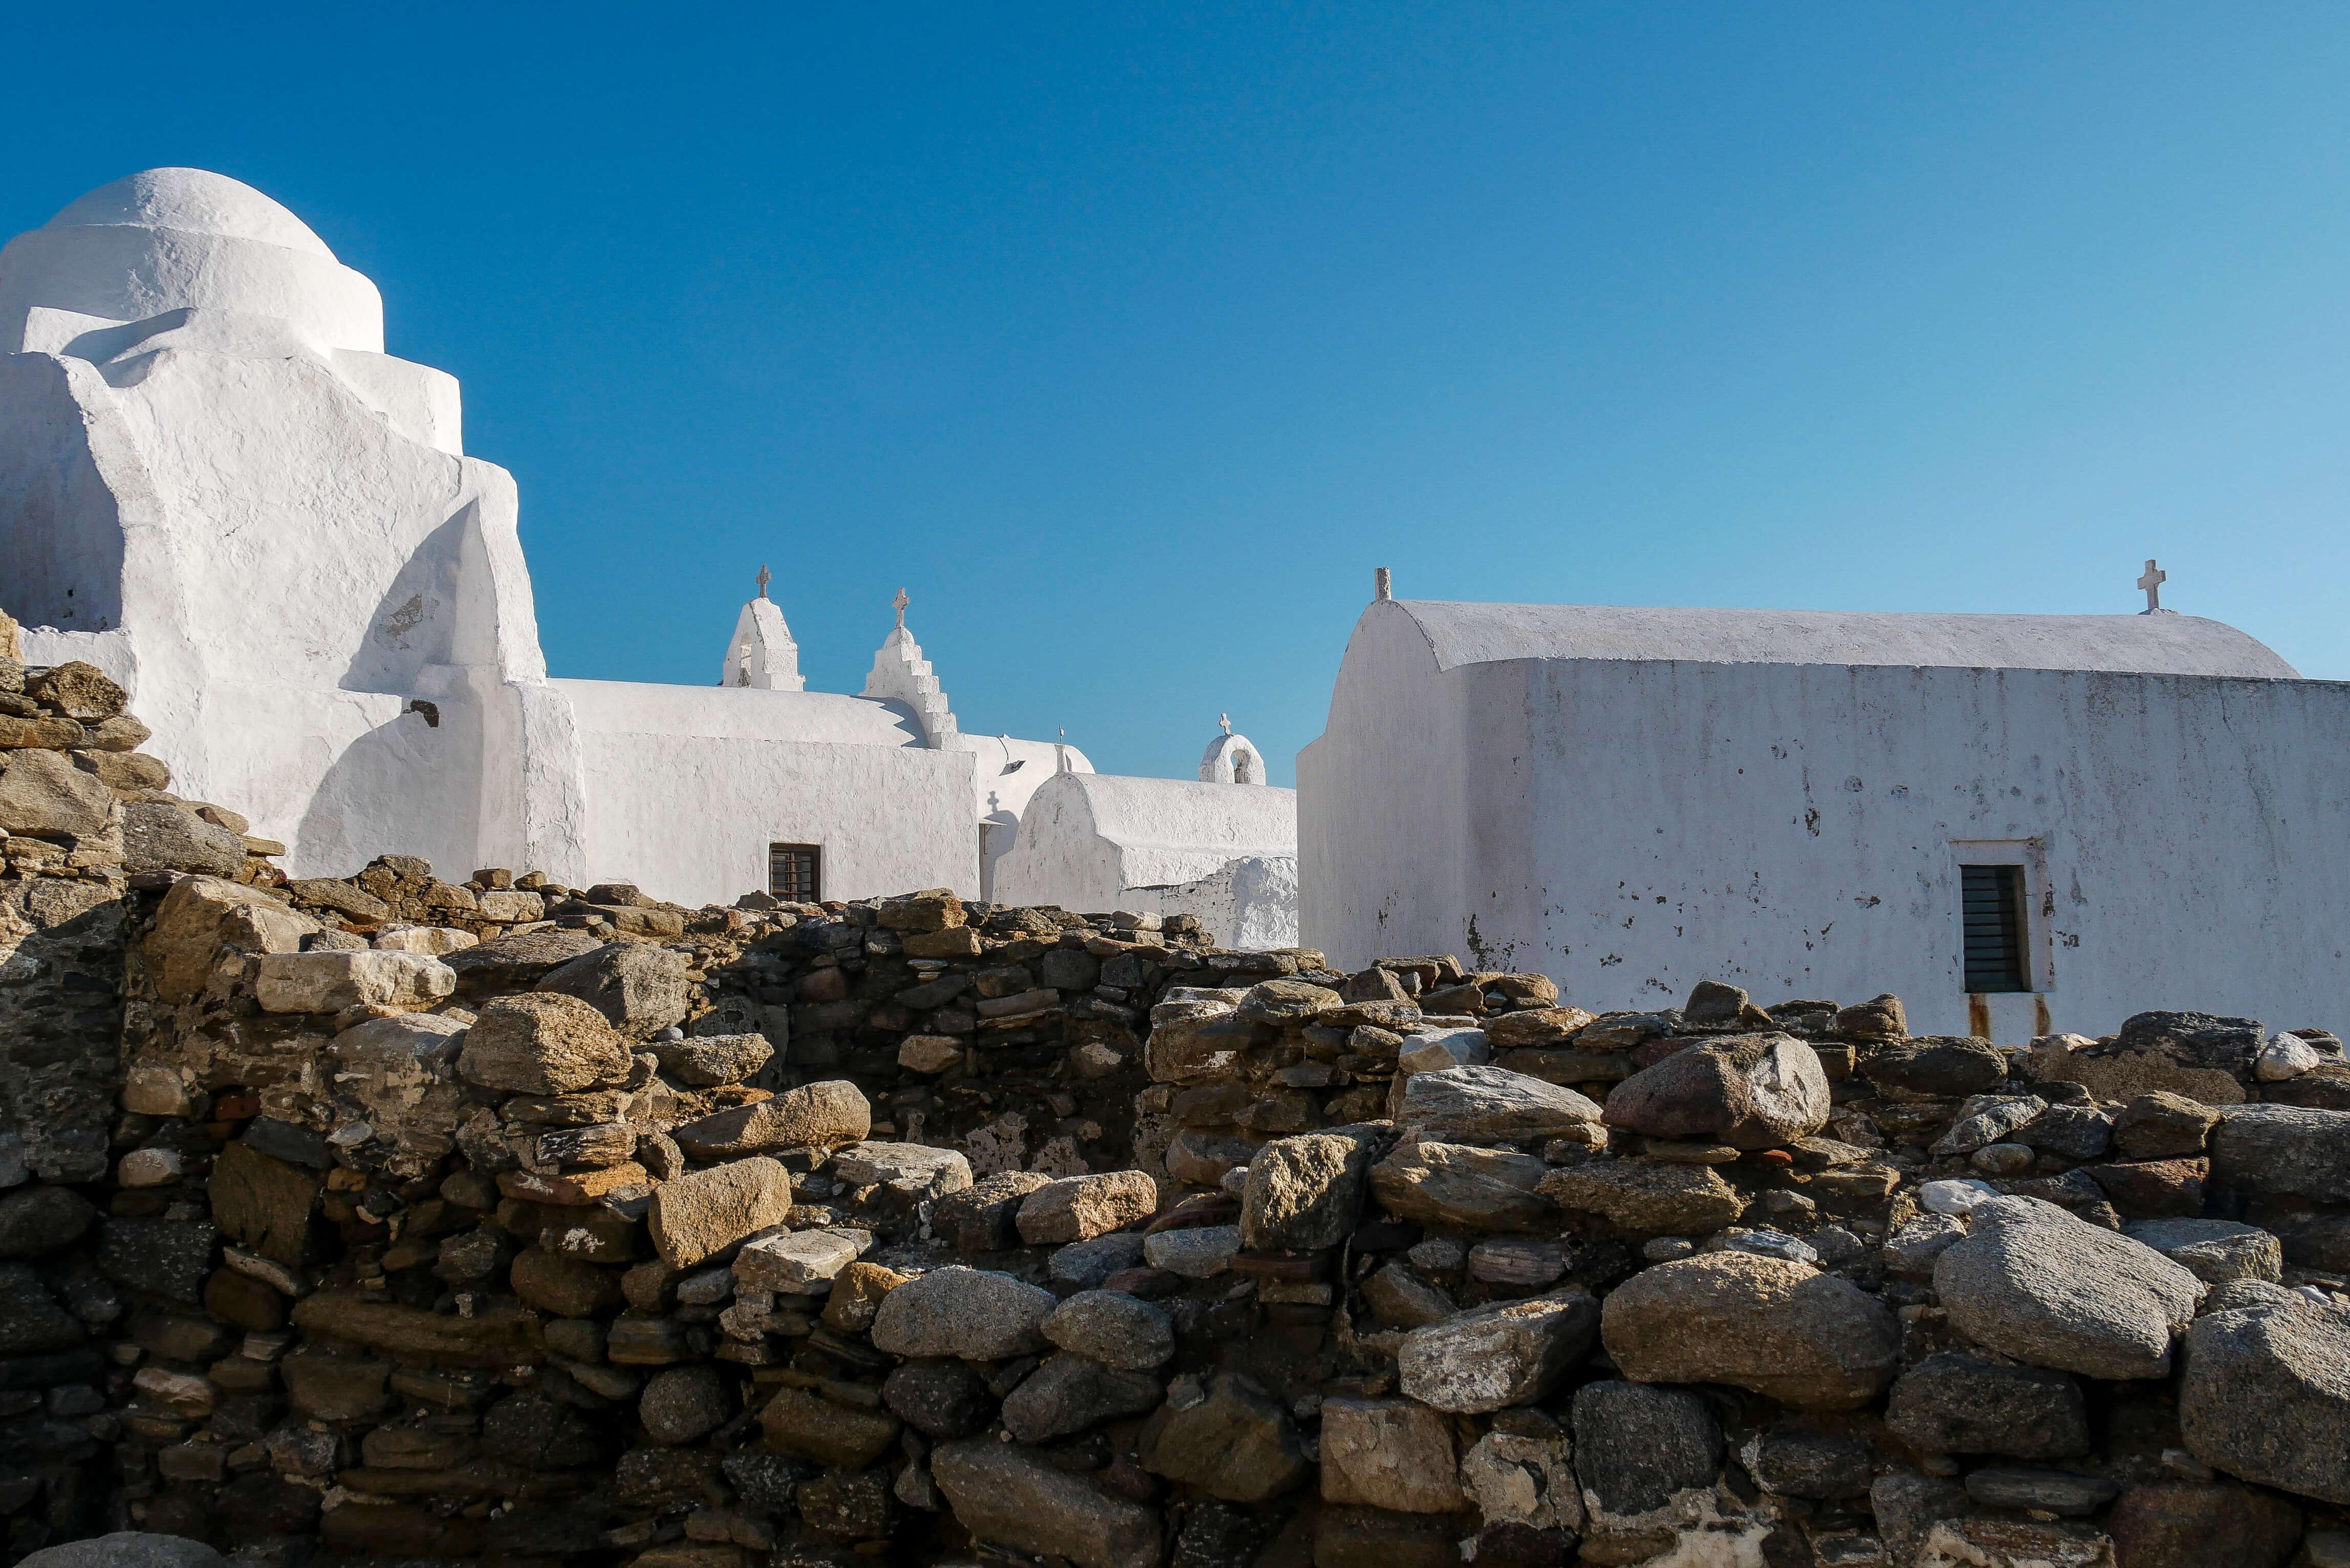 Maisons typiques des Cyclades, Mykonos, Grèce